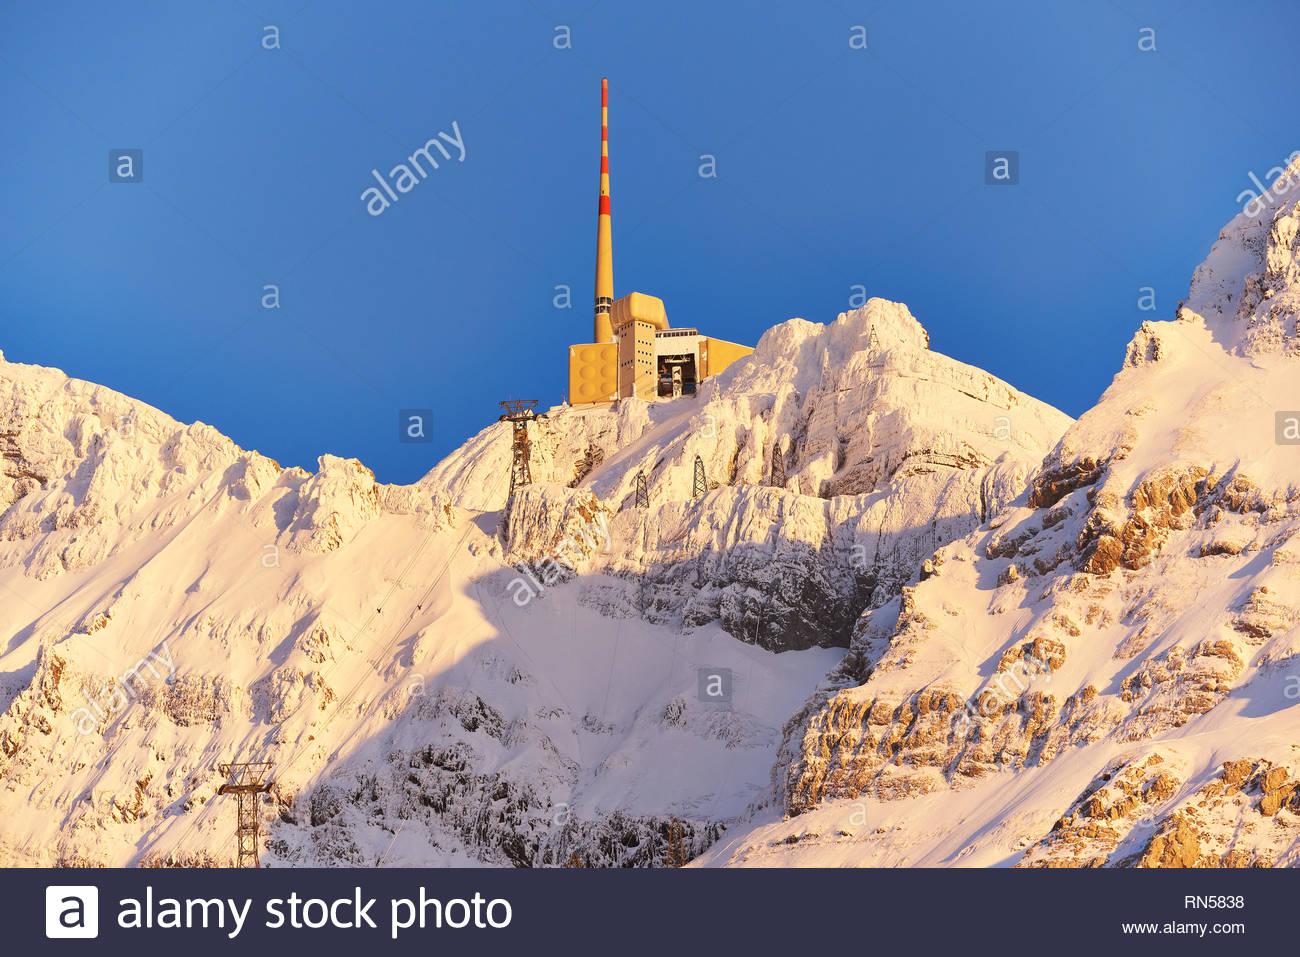 Säntis im Winter, Bergstation mit Sendemast, Nahaufnahme, schneebedecktes Felsmassiv im gelben Abendlicht, blauer Himmel, Seilbahnmasten - Stock Image